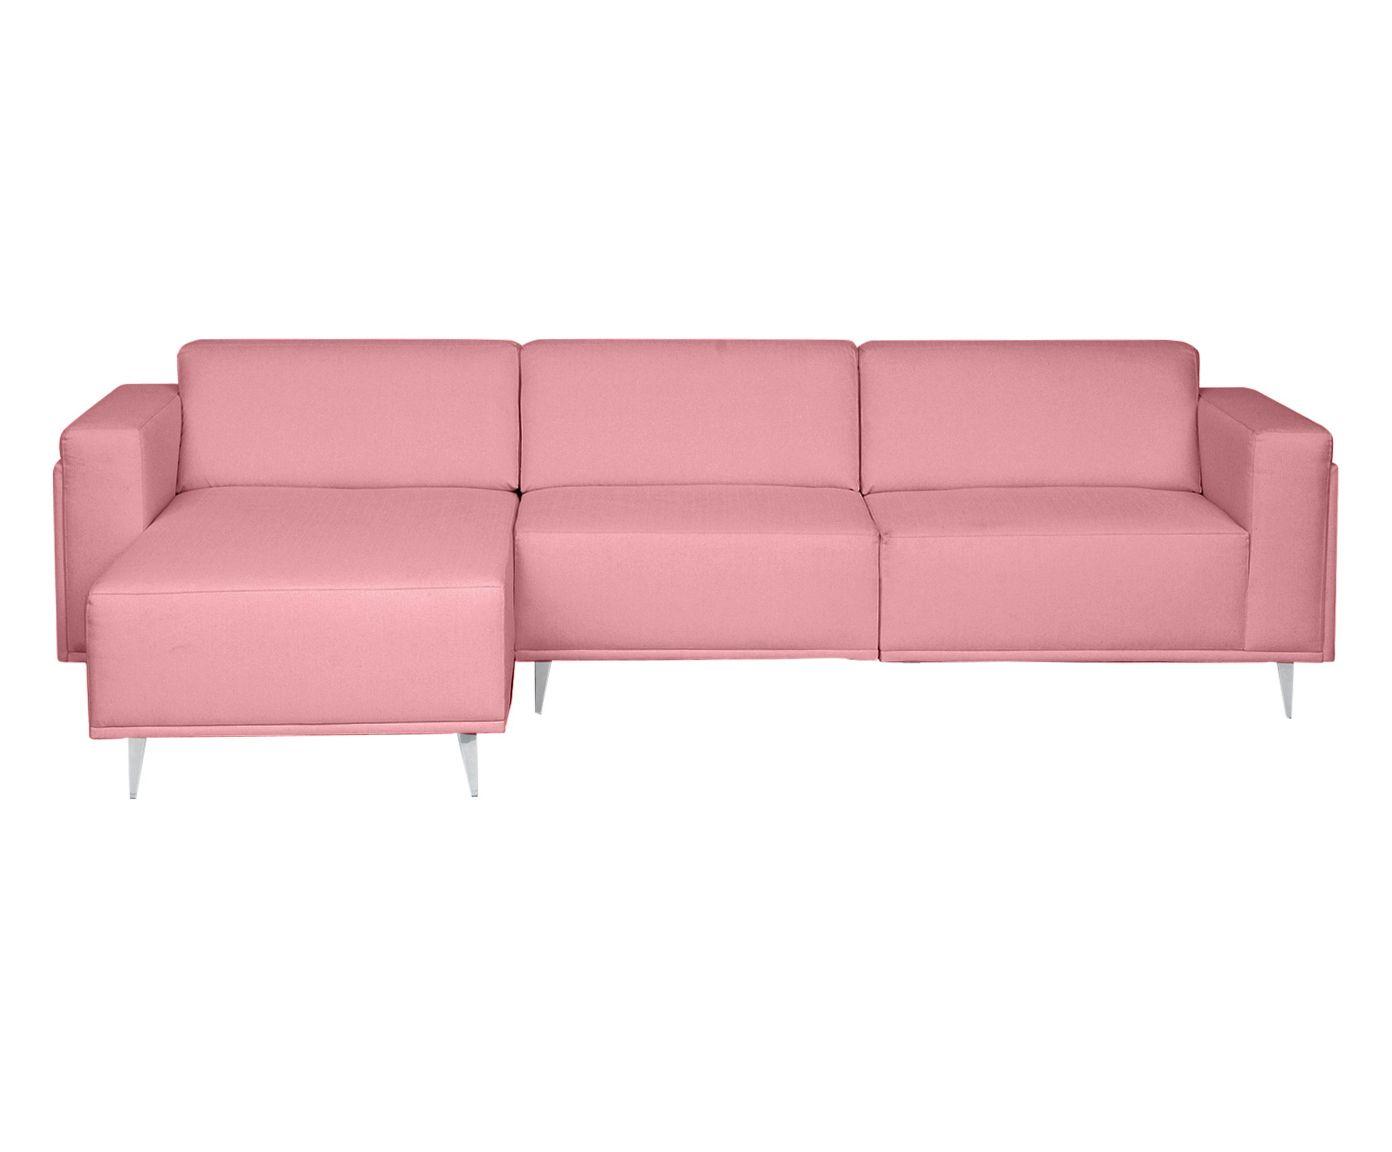 Sofá Modular com Chaise Direita Antonio Rosa Flamingo - 280cm | Westwing.com.br